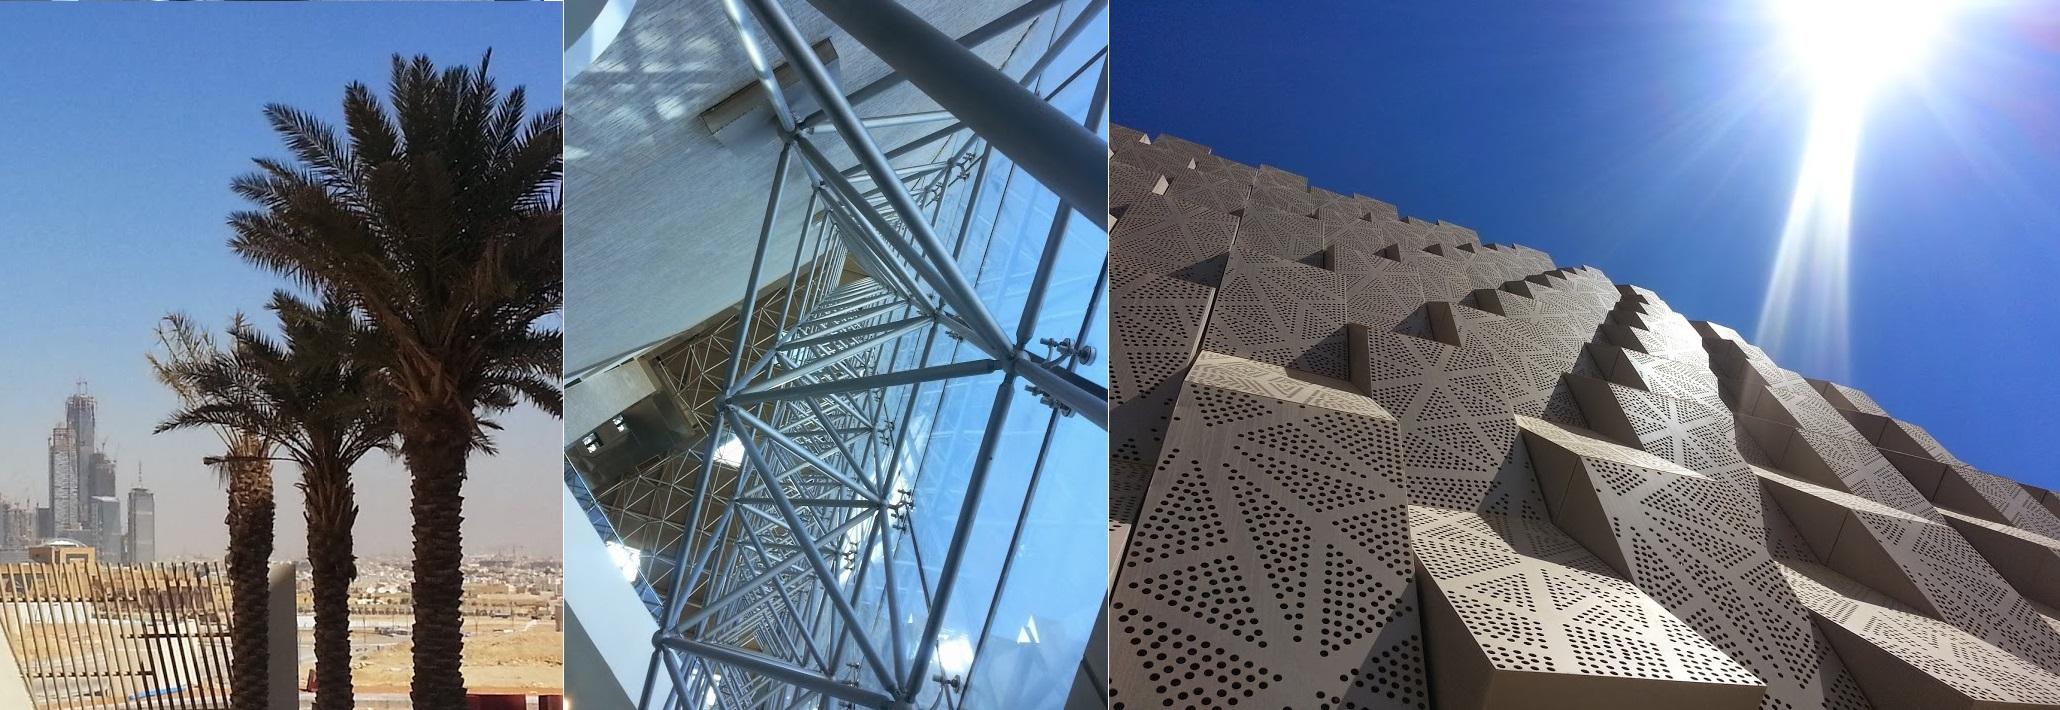 موقعنا - Riyadh Techno Valley برج الإبتكار...